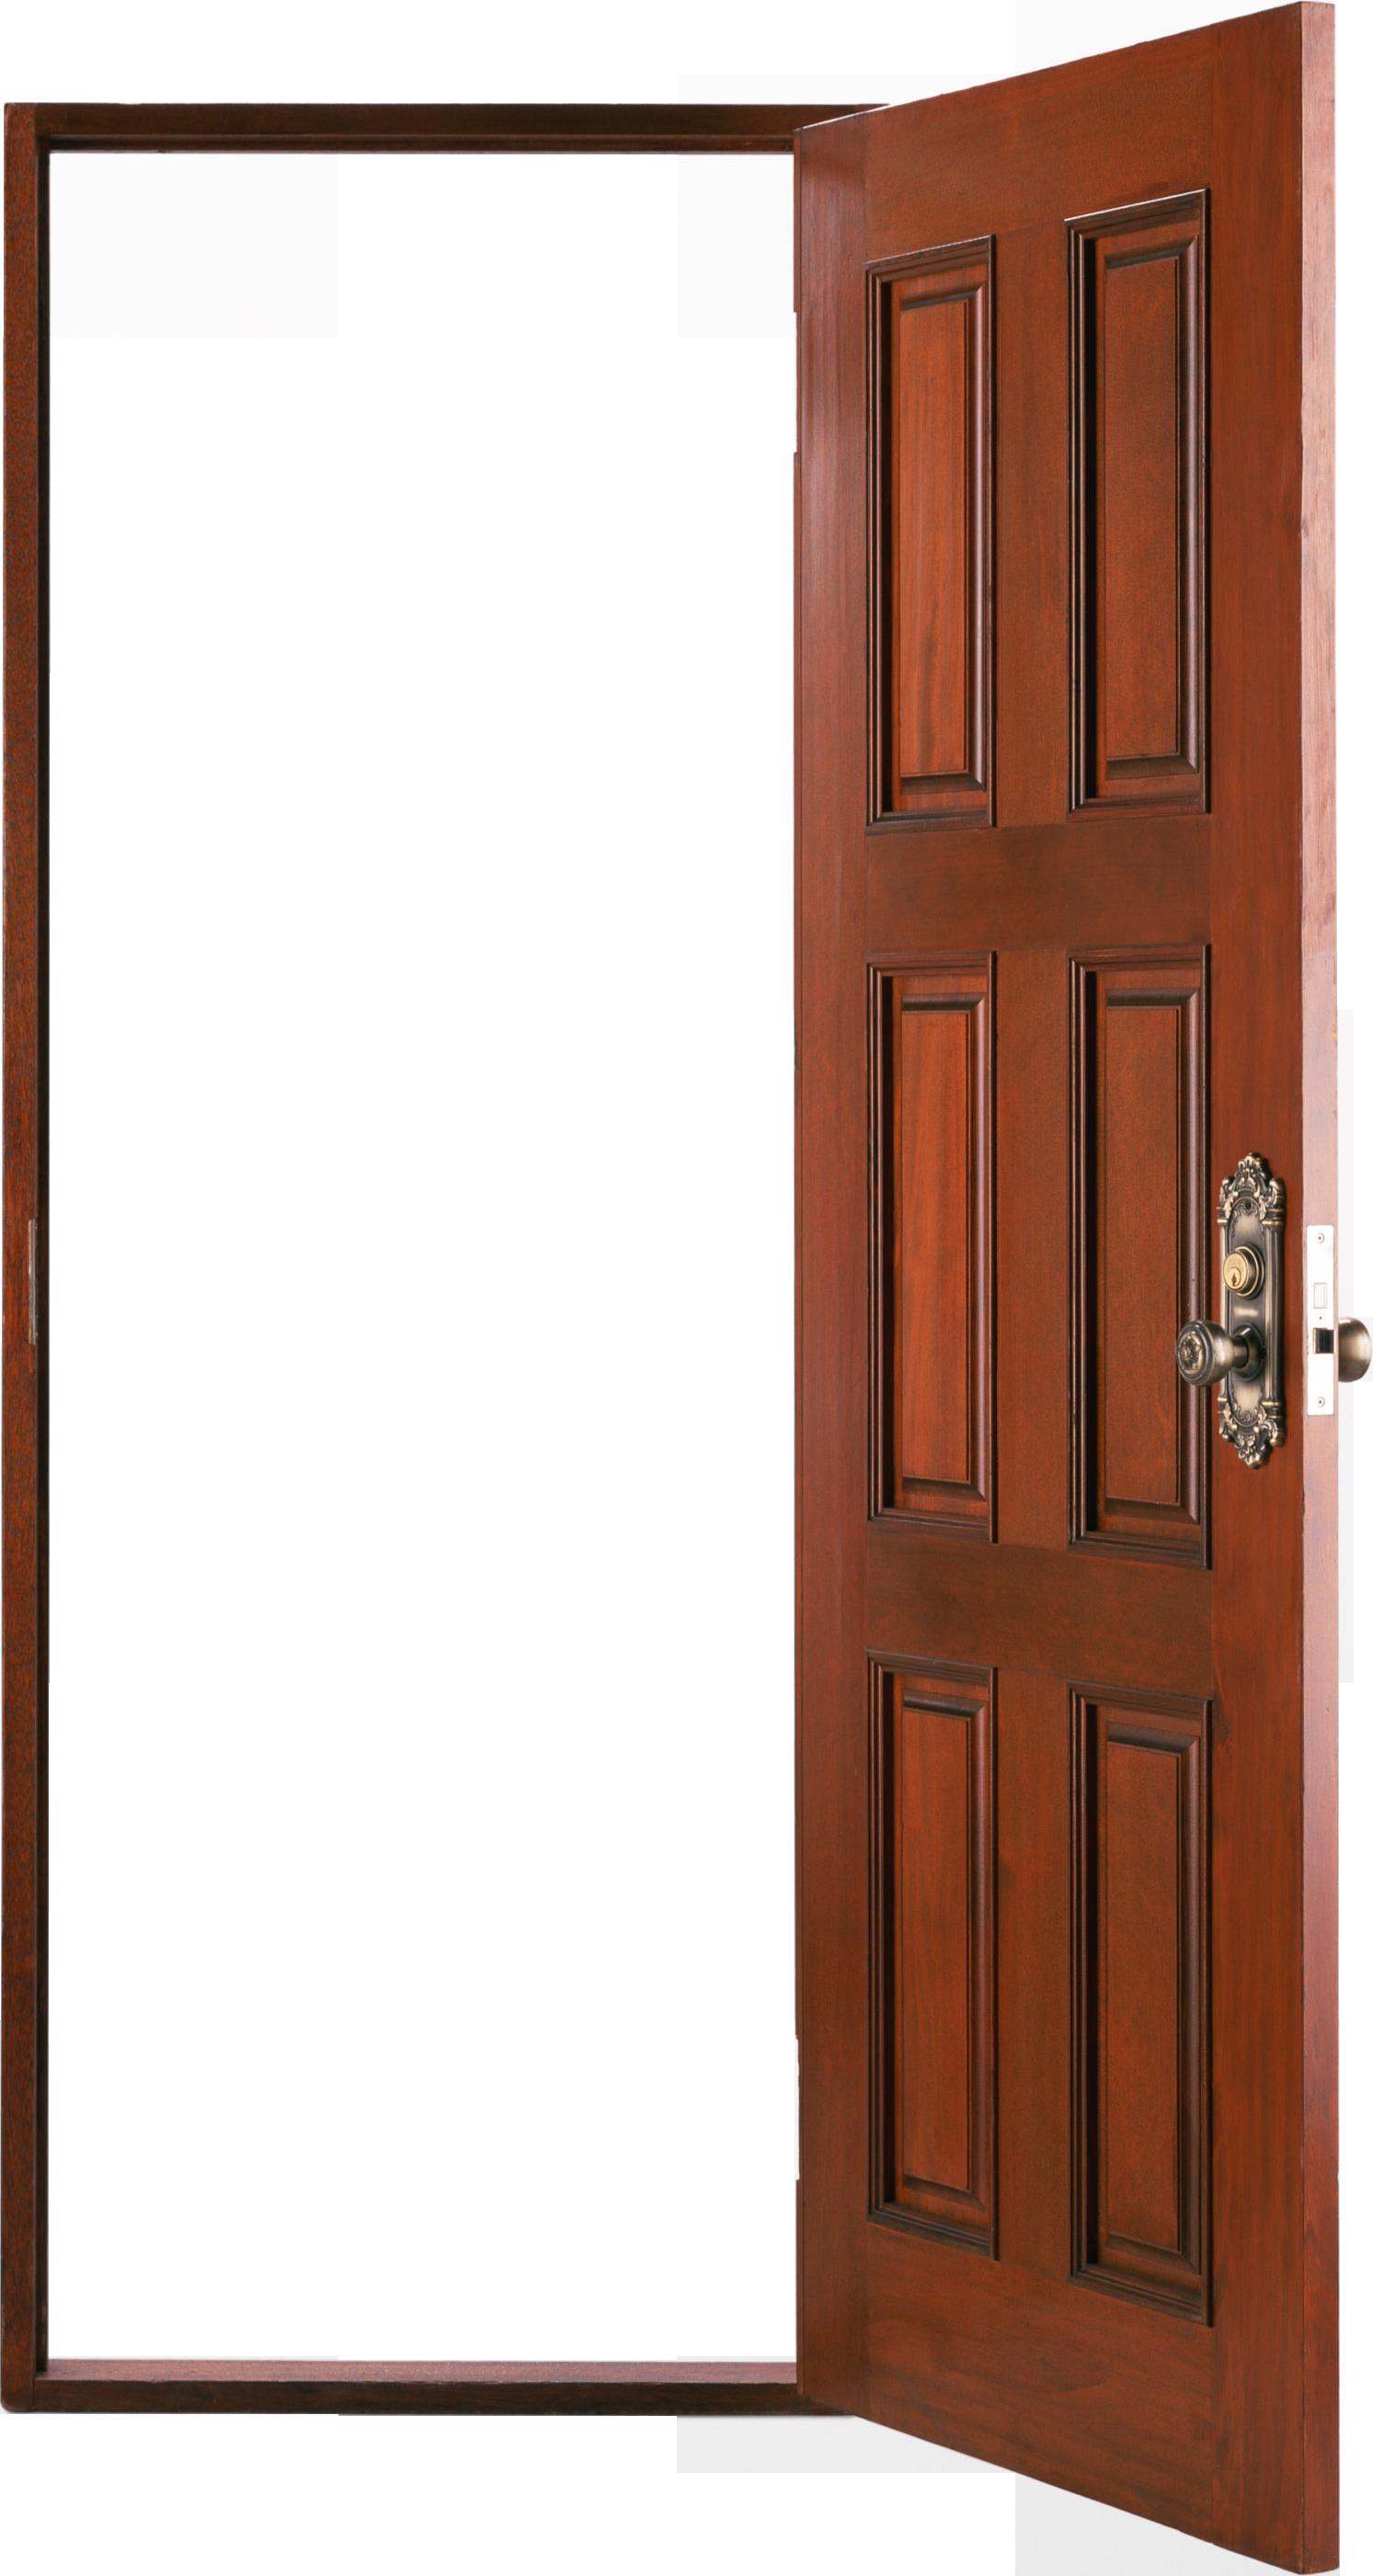 Door Png Image Photoshop Overlays Doors Door Images